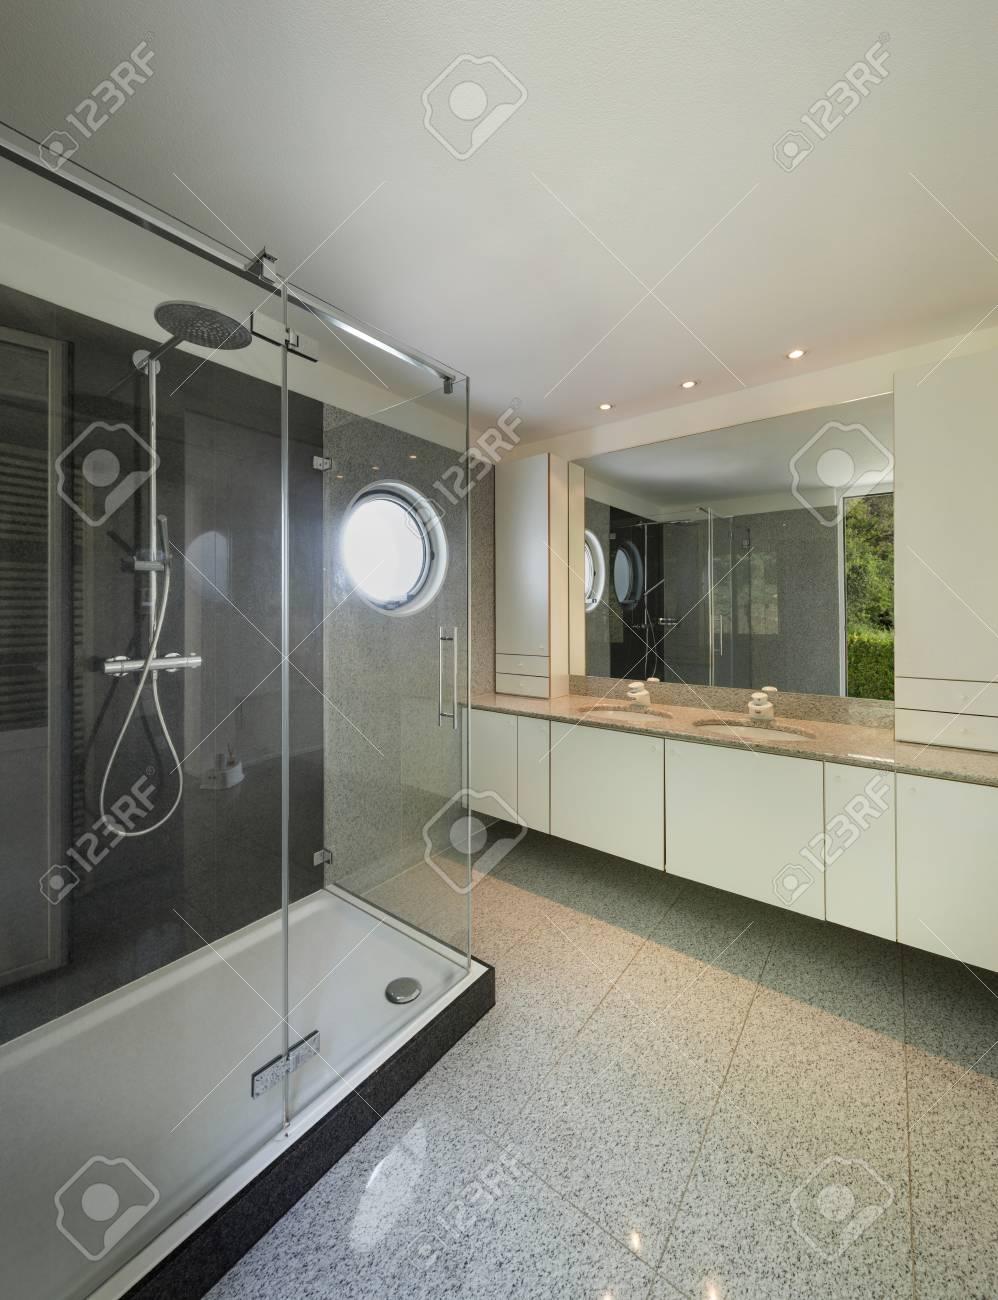 L Architecture De L Interieur D Une Maison Moderne Salle De Bain